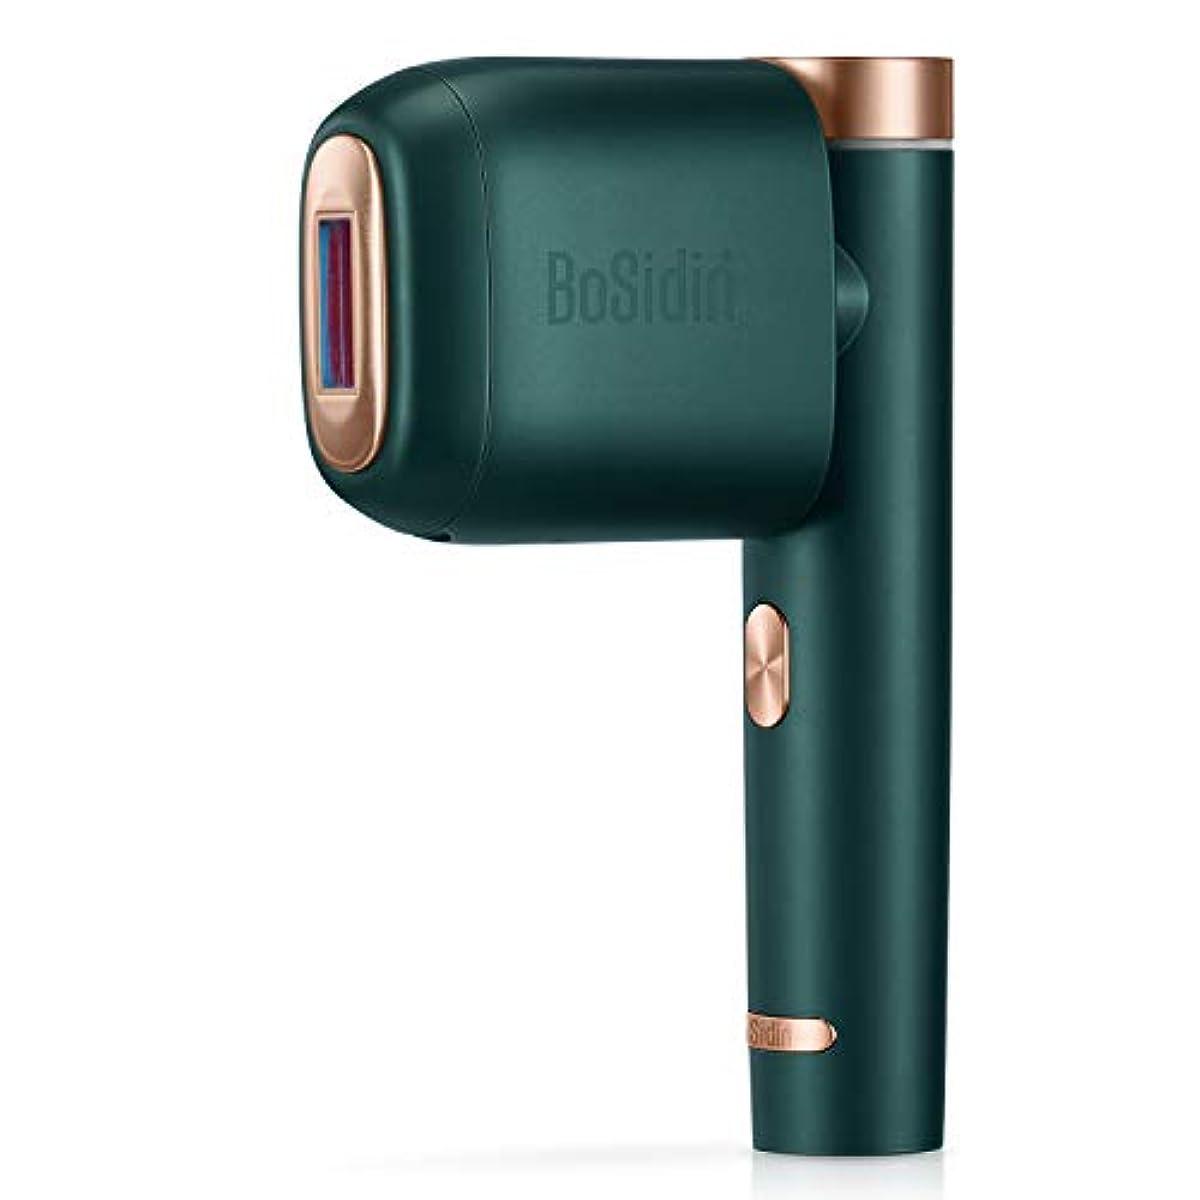 [해외] BoSidin 레이저 제모기 BSD-HR-V66